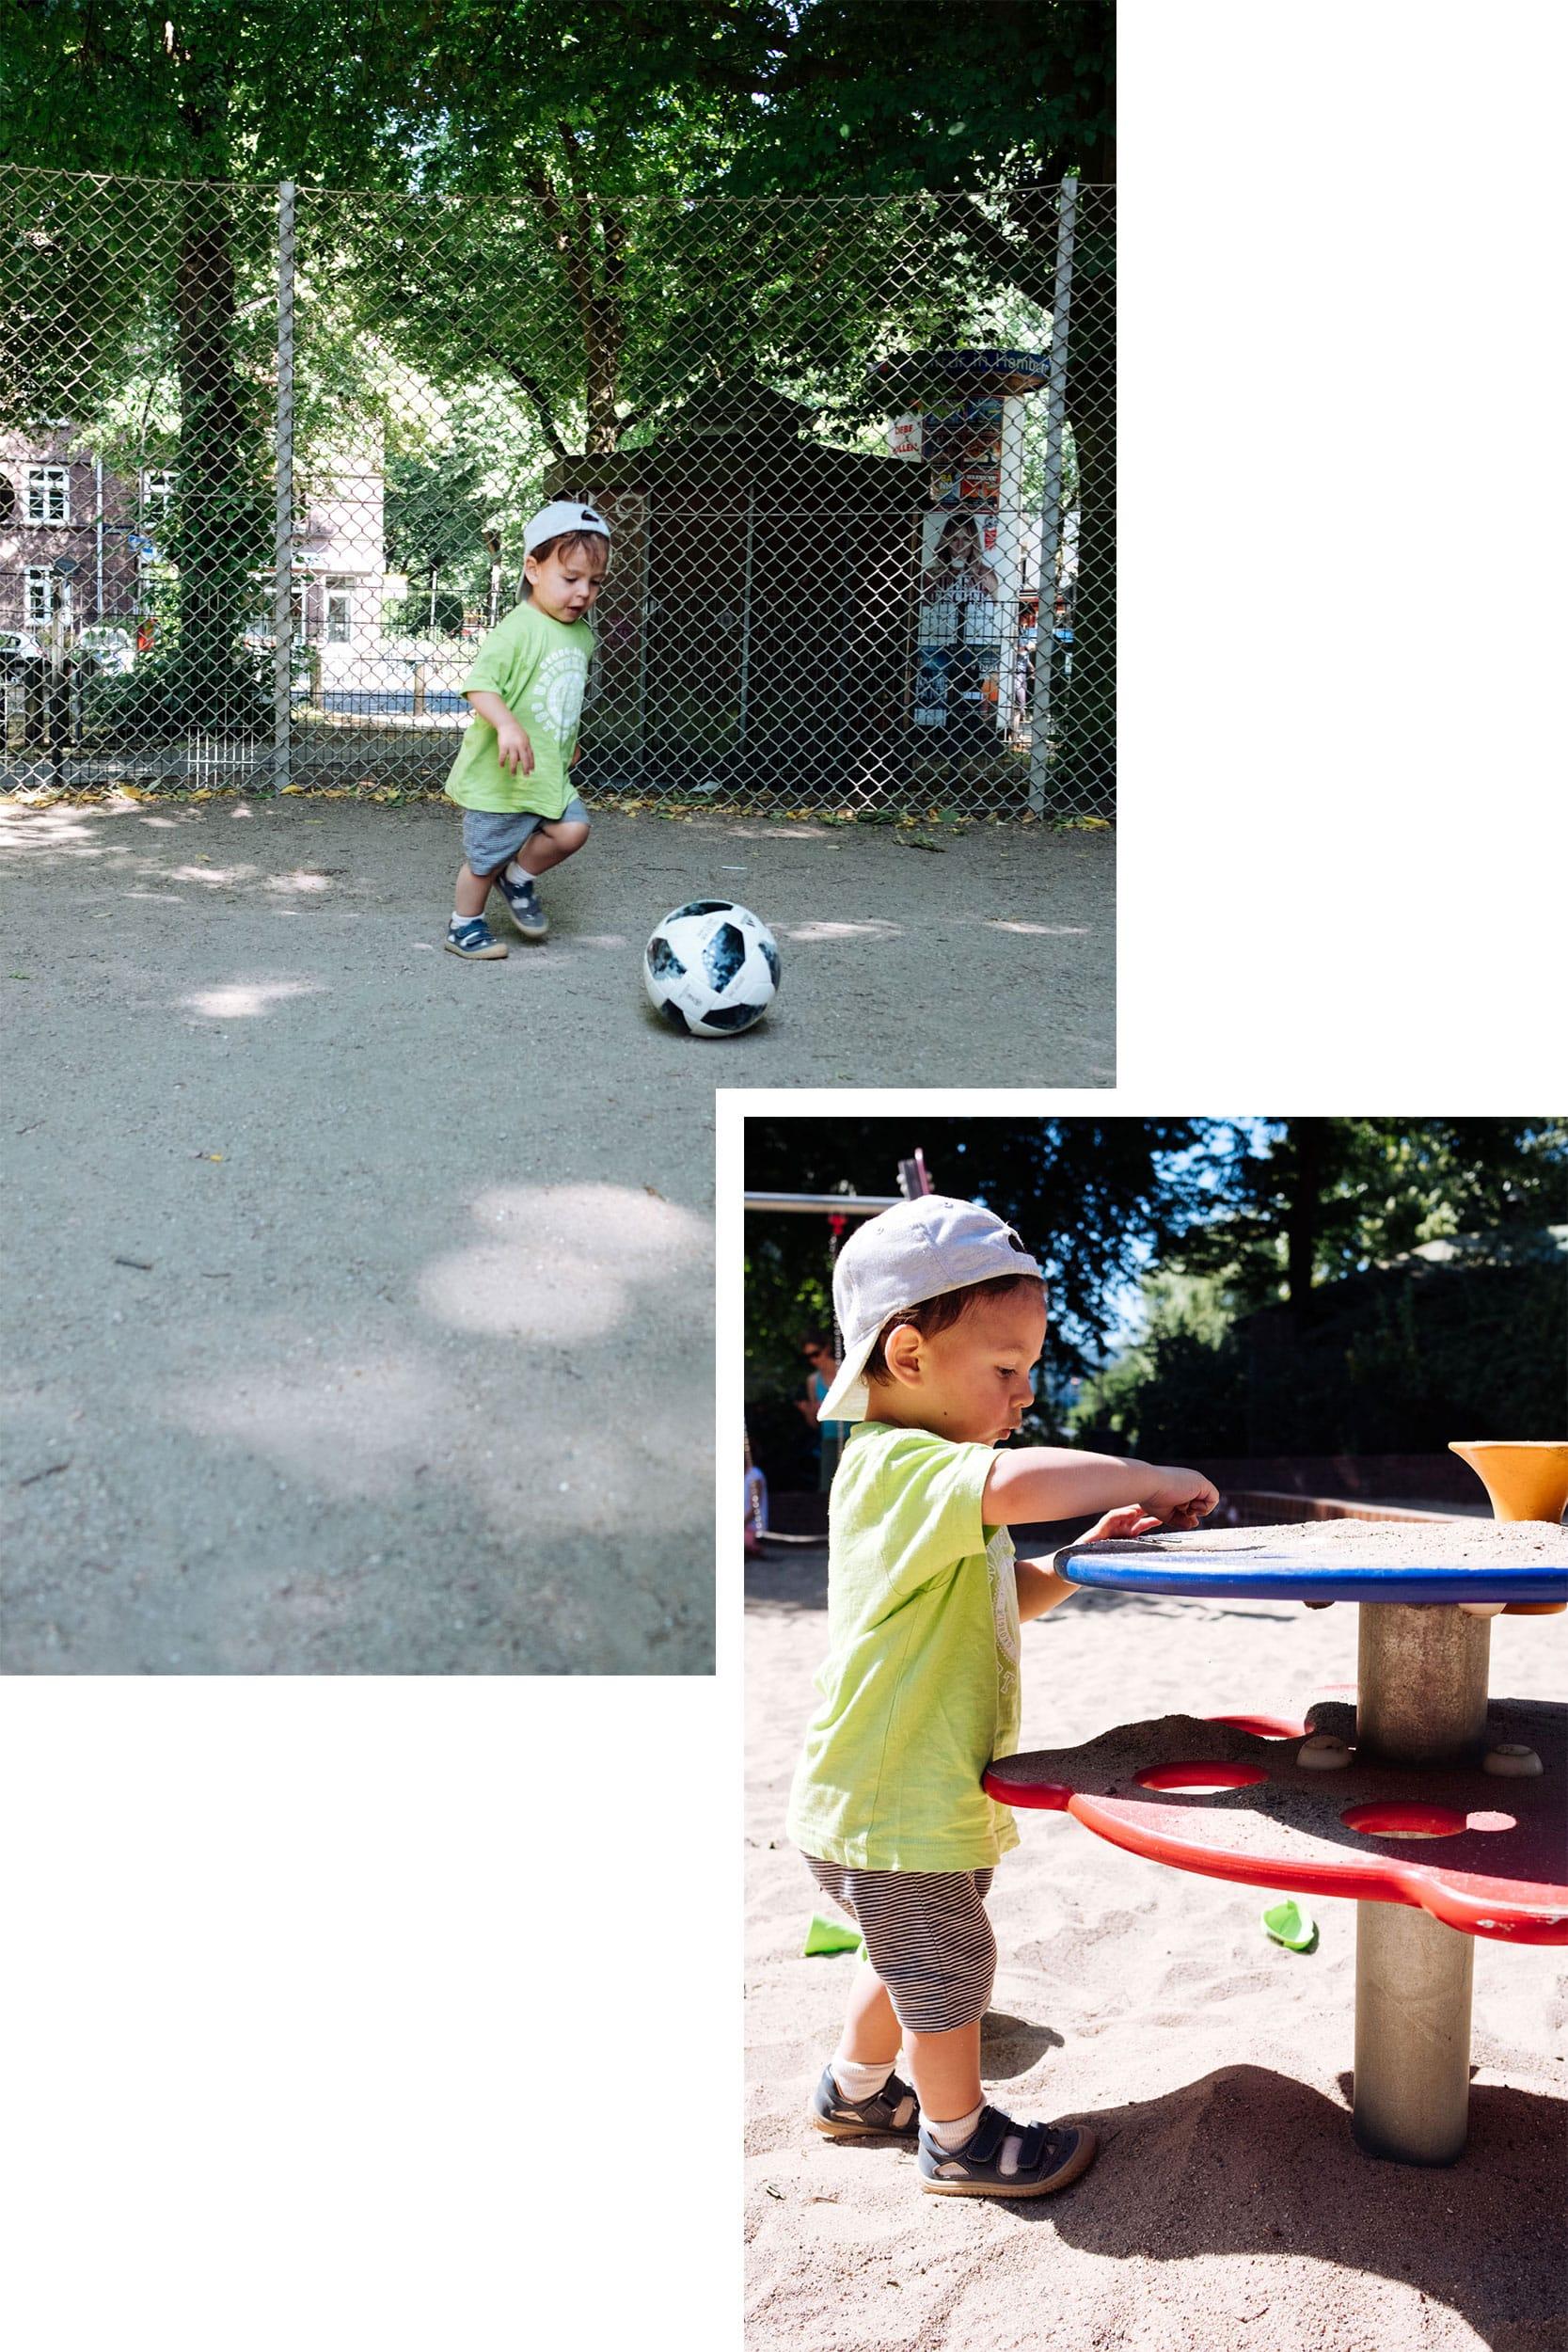 Familiensonntag | Unterwegs mit Fußball und Laufrad | Familienleben | Spielplatz Goldbekplatz